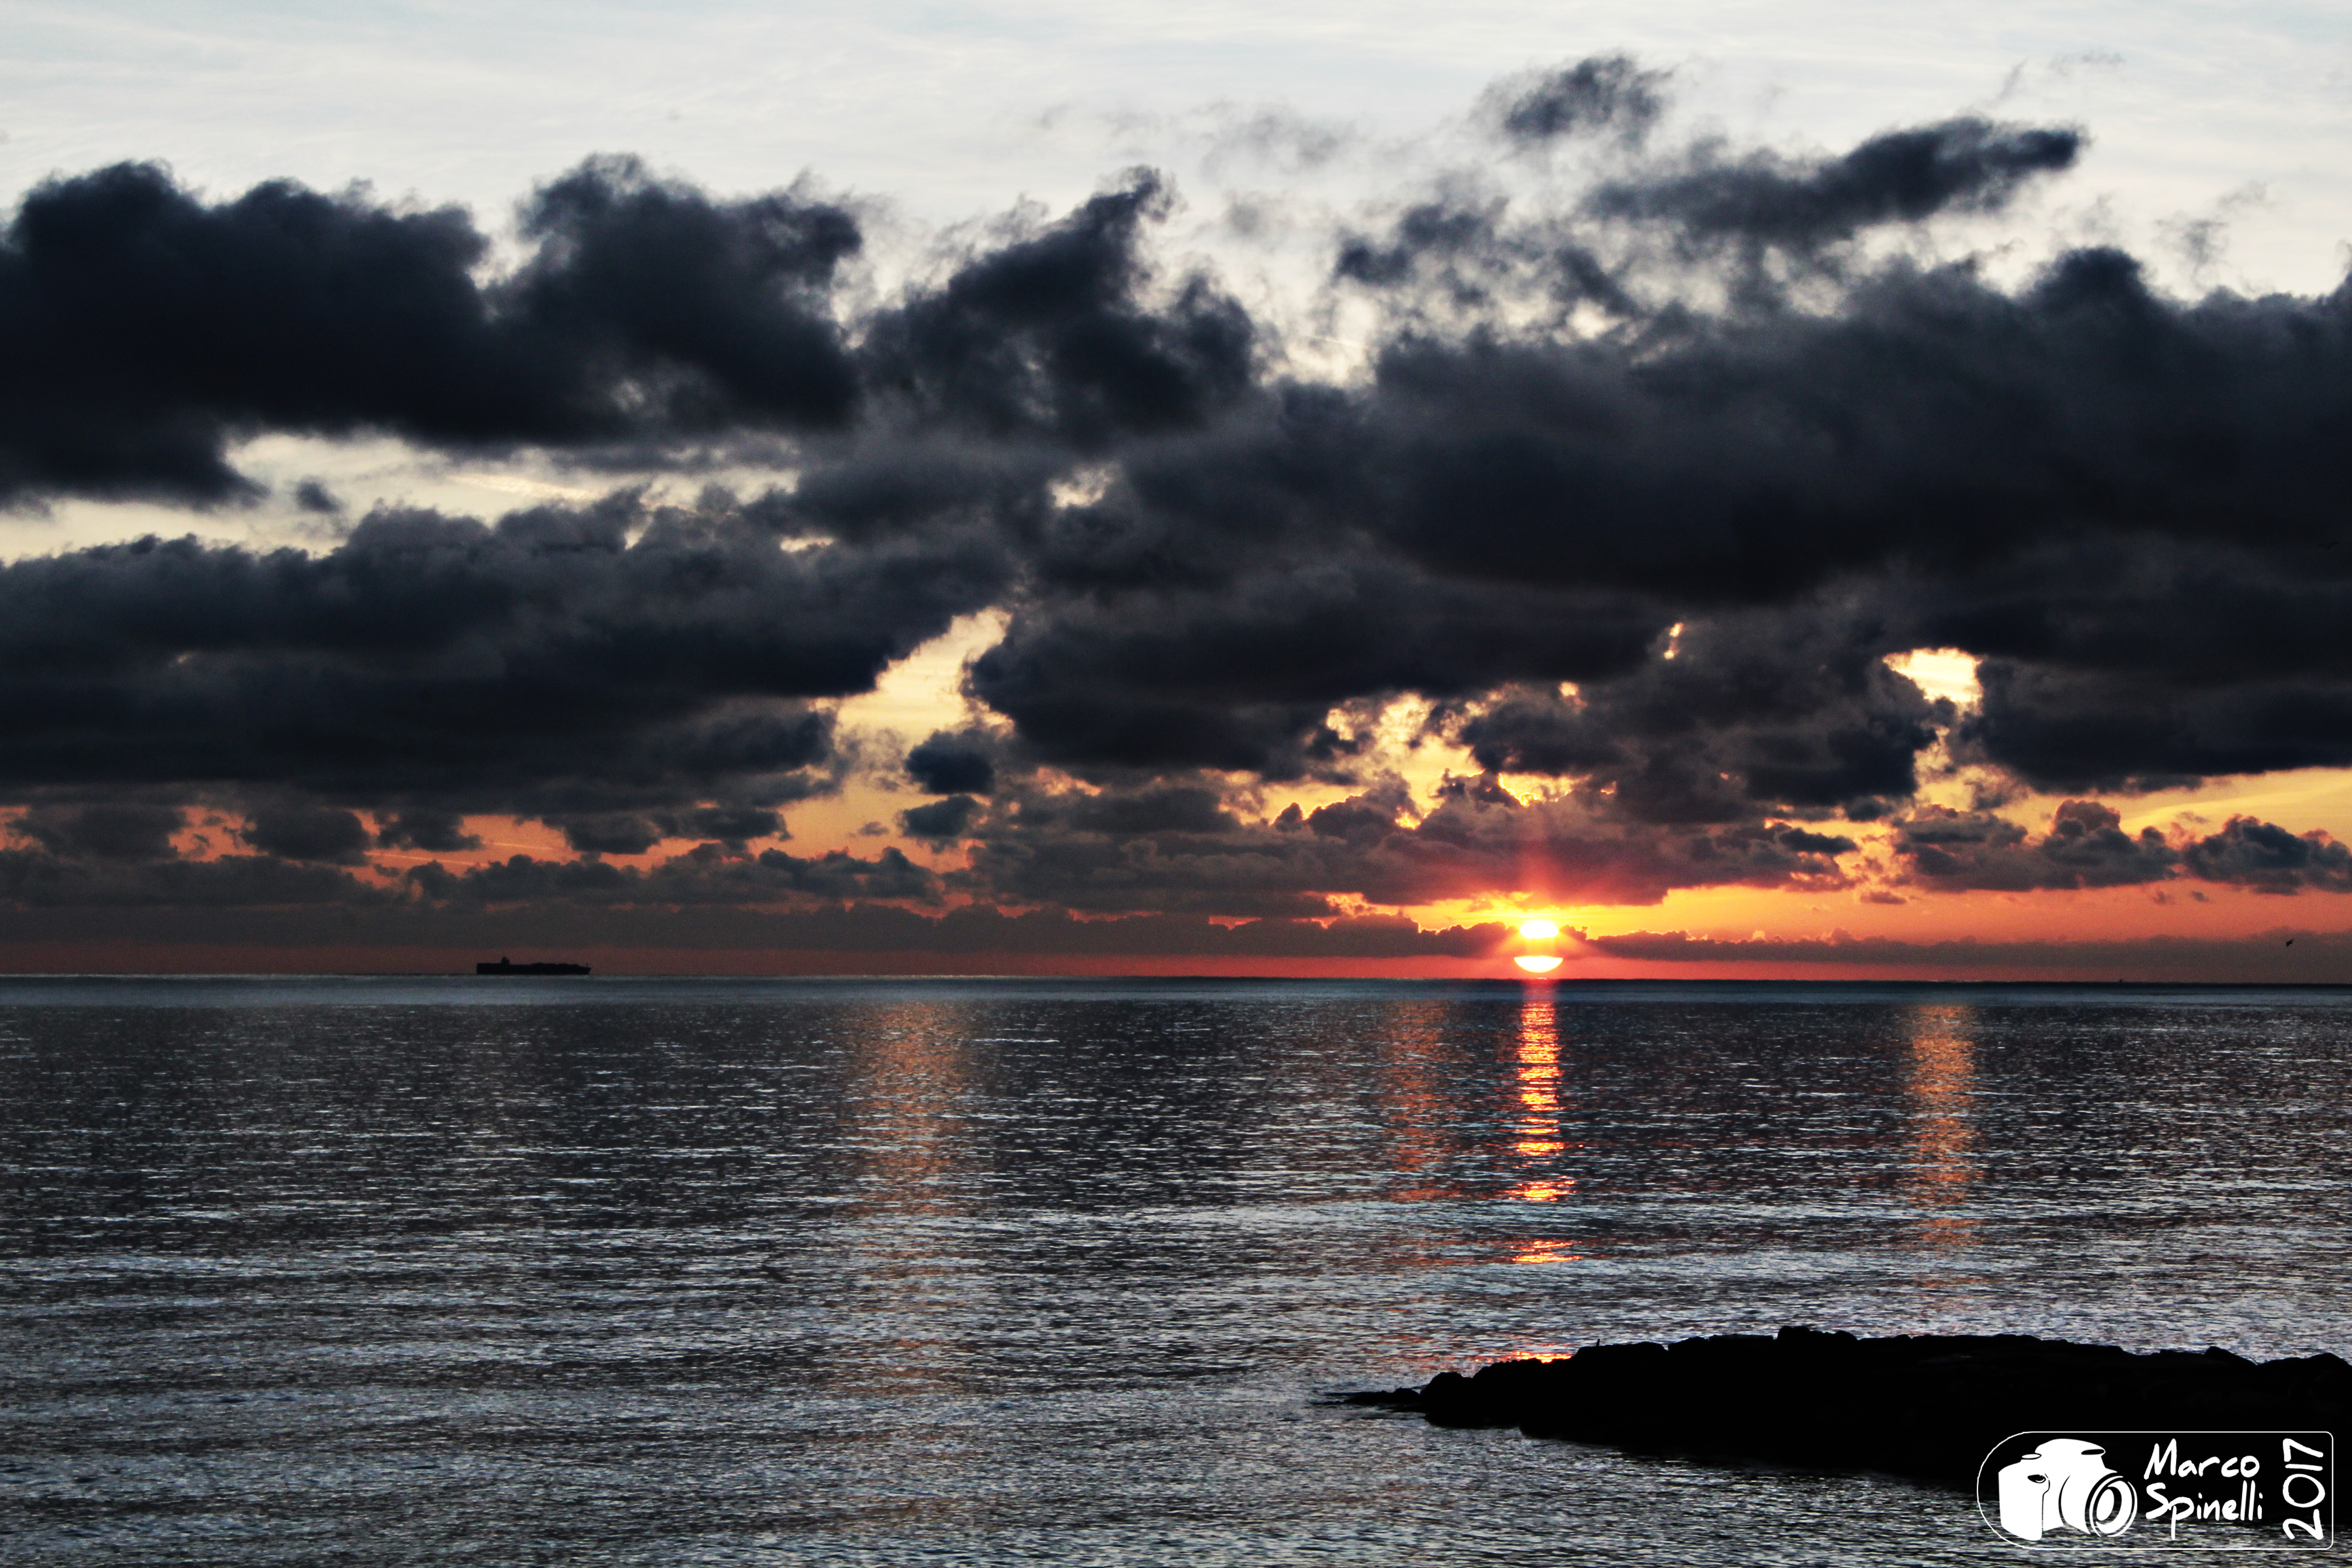 [FOTOGRAFIA] – Il sole sorge sempre… anche dietro alle nuvole!